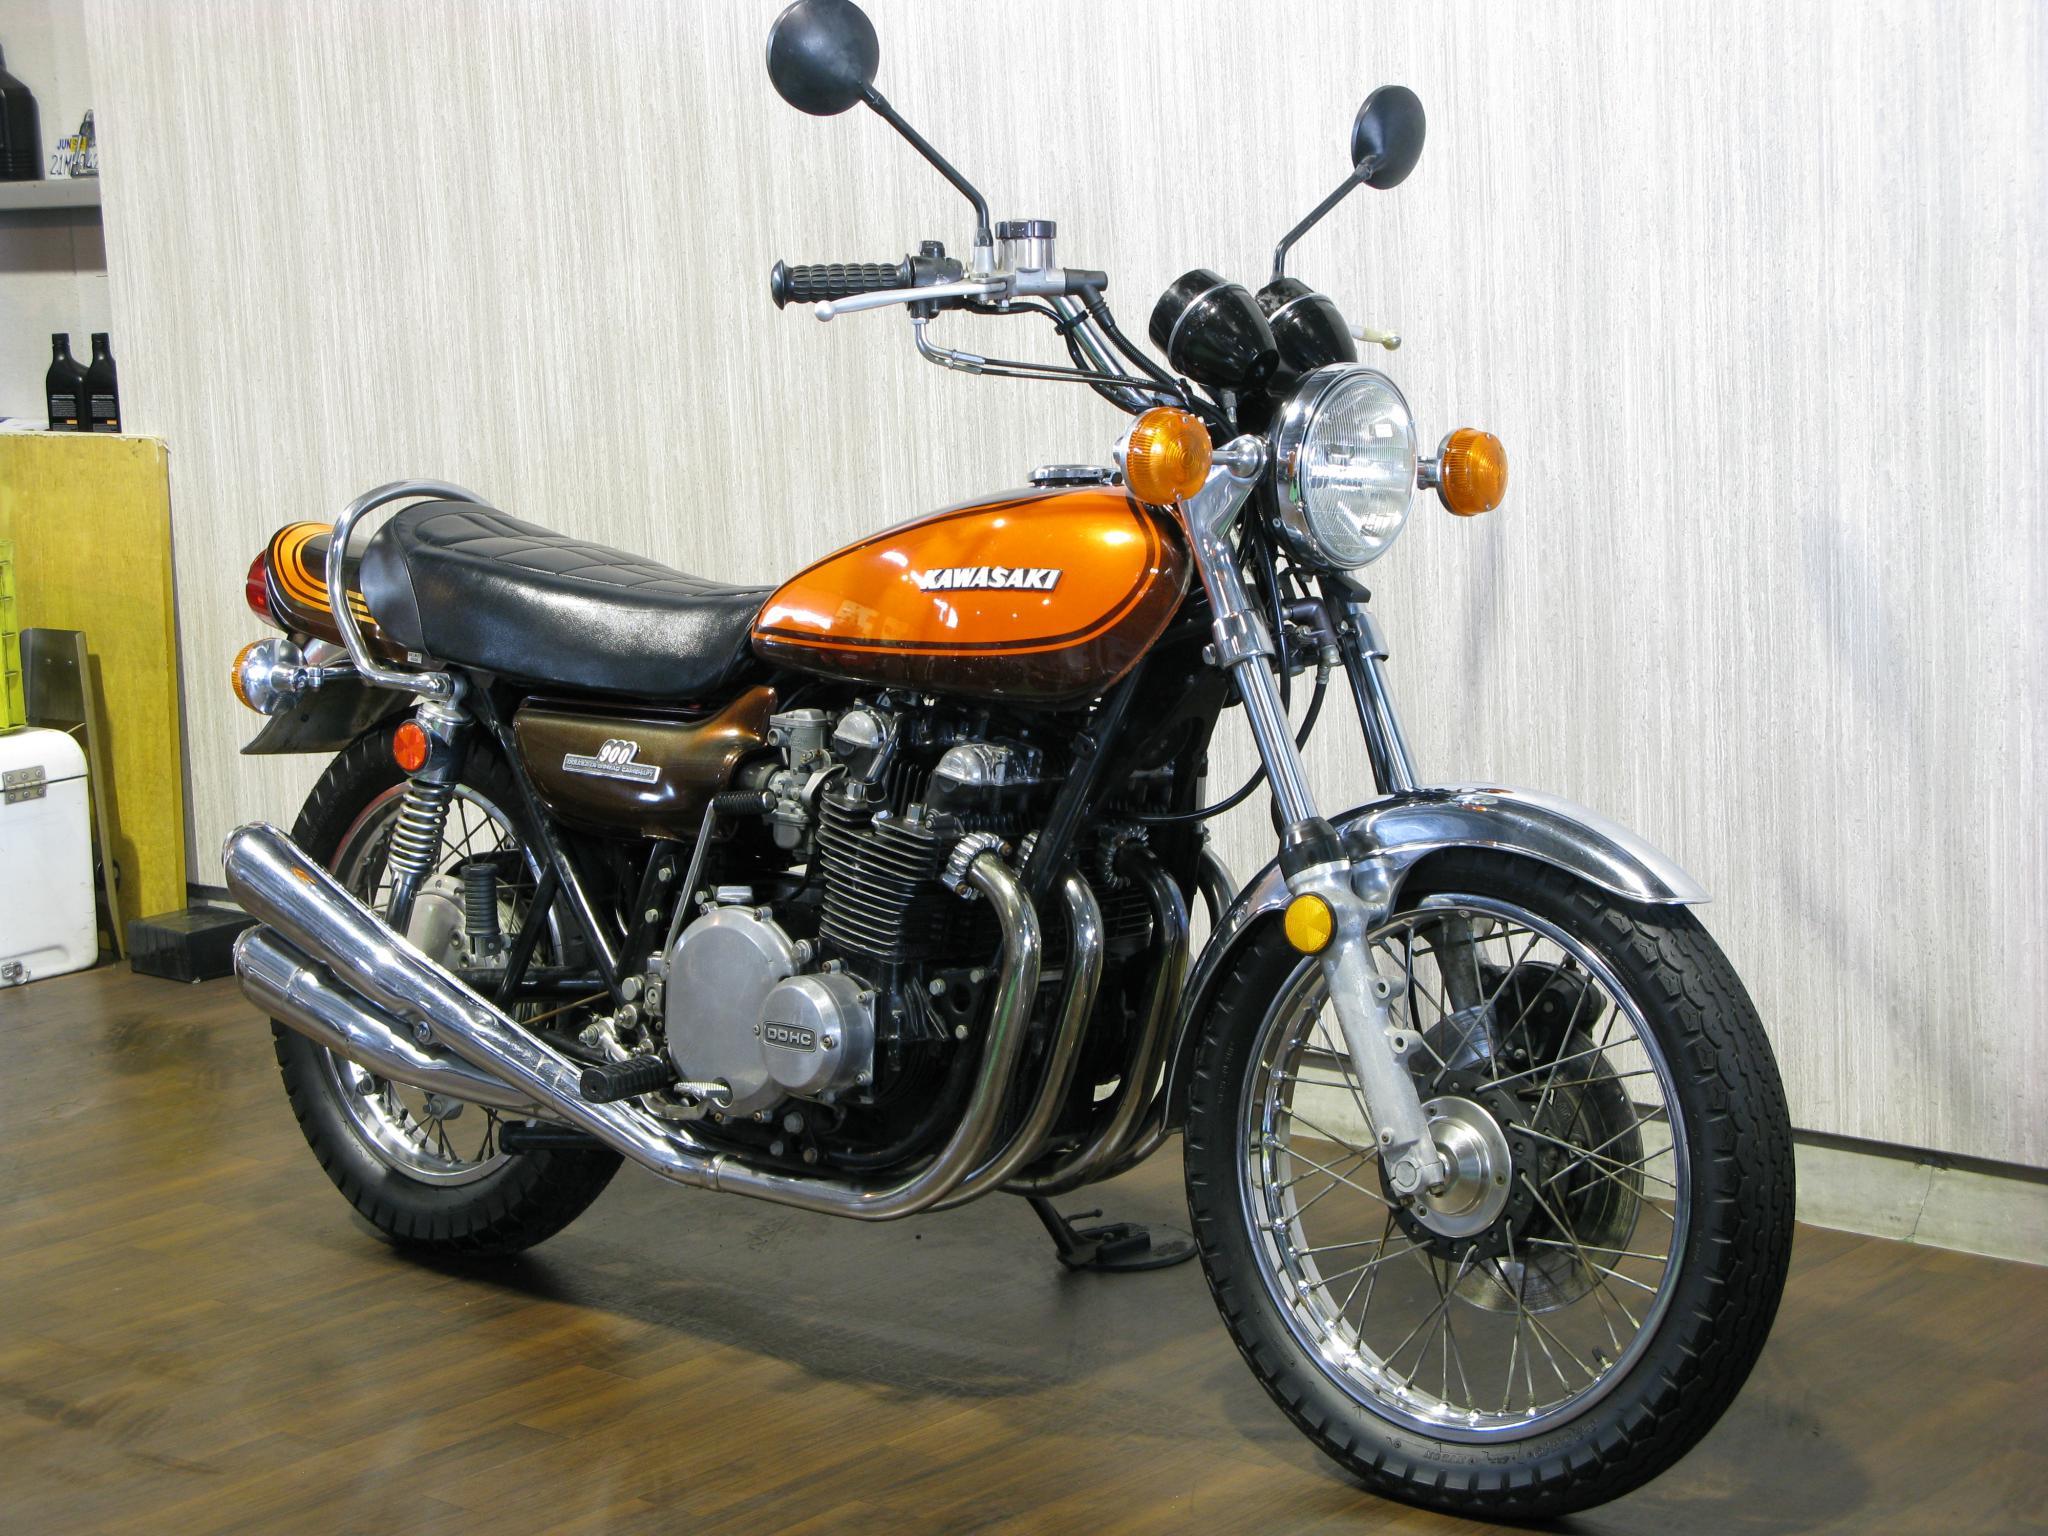 カワサキ 1973 Kawasaki Z1 車体写真2